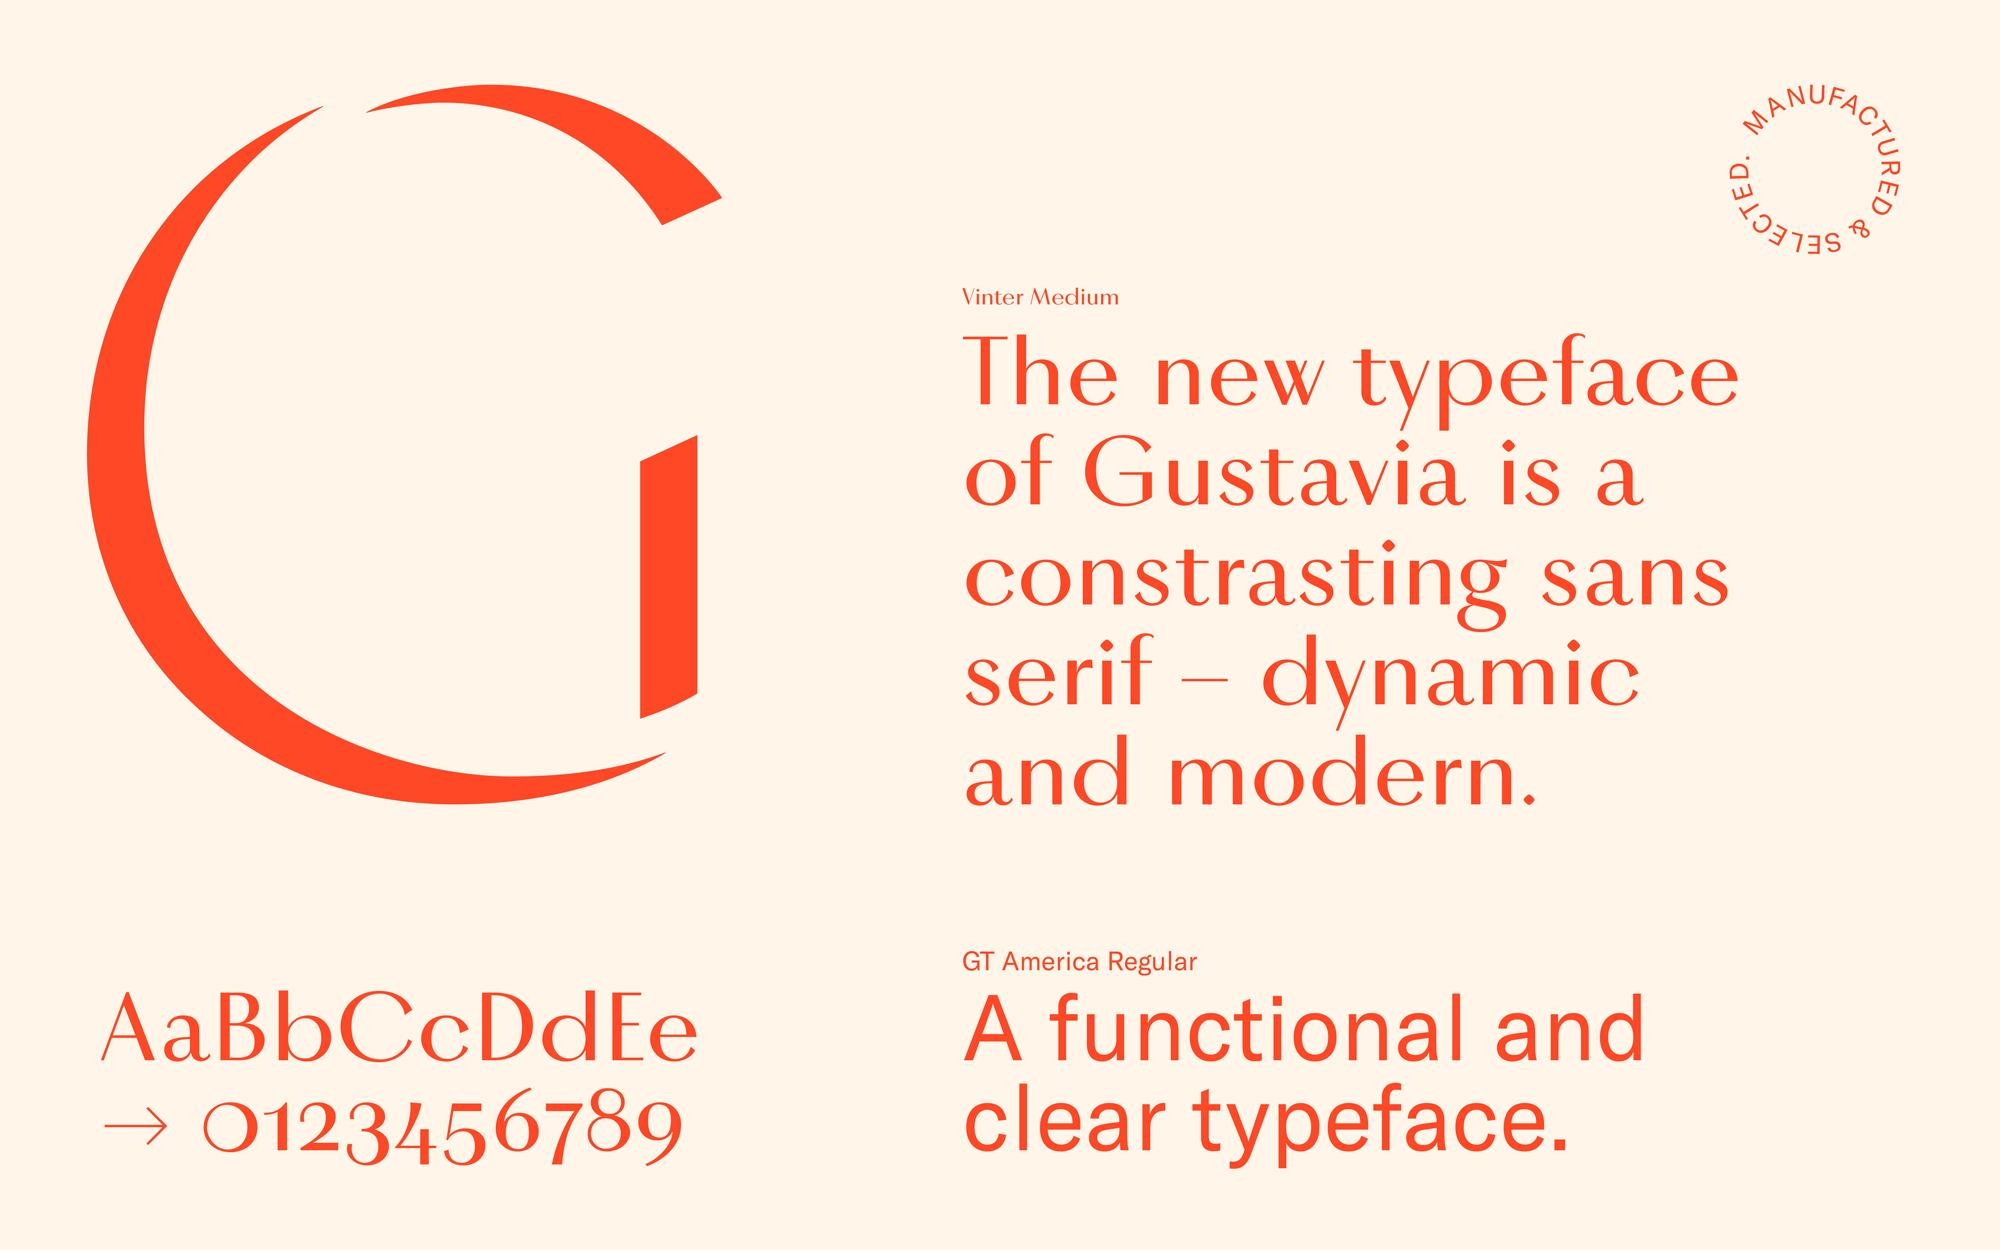 EIGA_SEG_Brand_Design_04